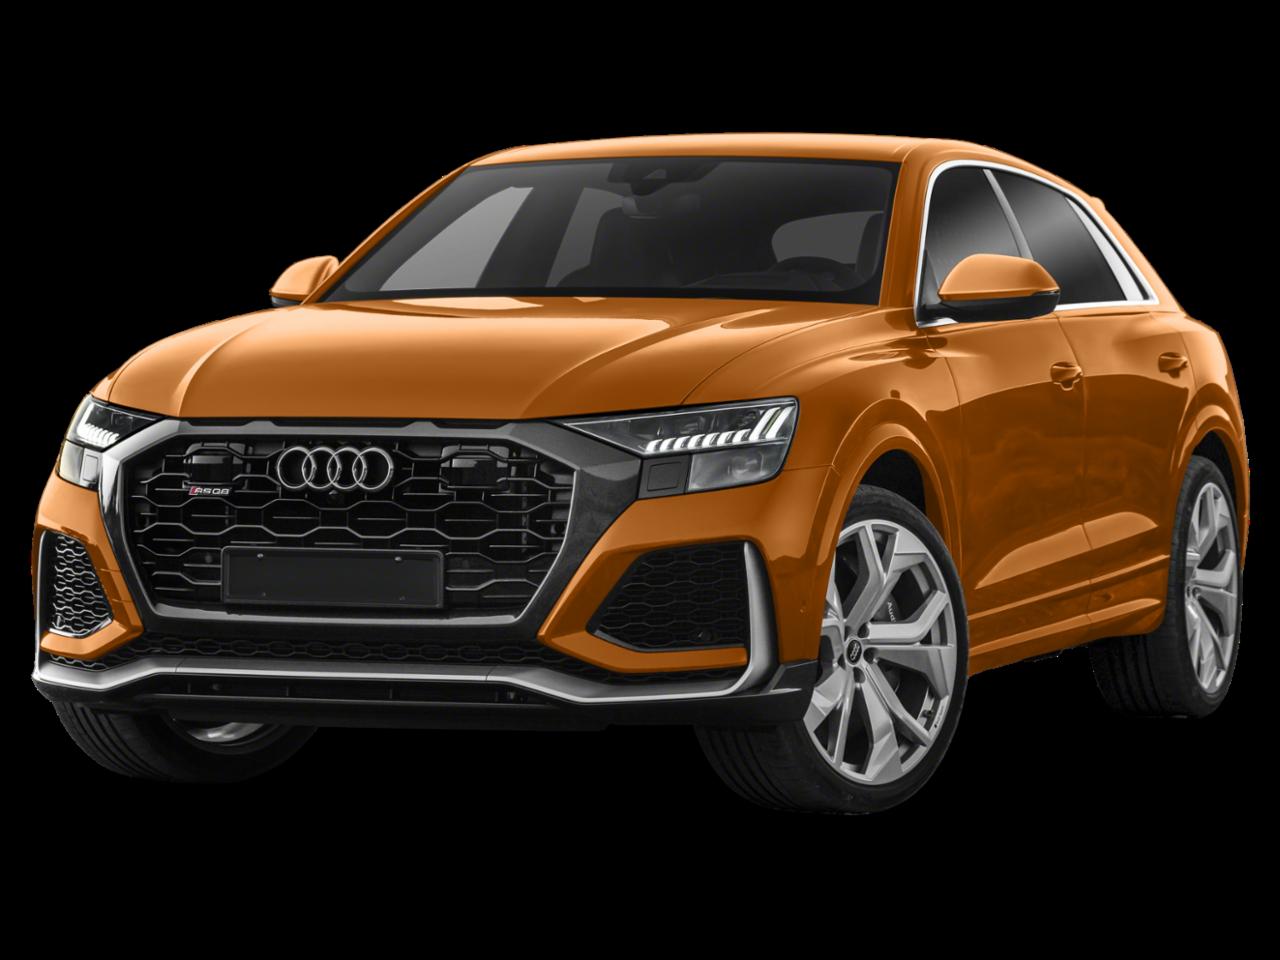 Audi 2021 RS Q8 4.0 TFSI quattro